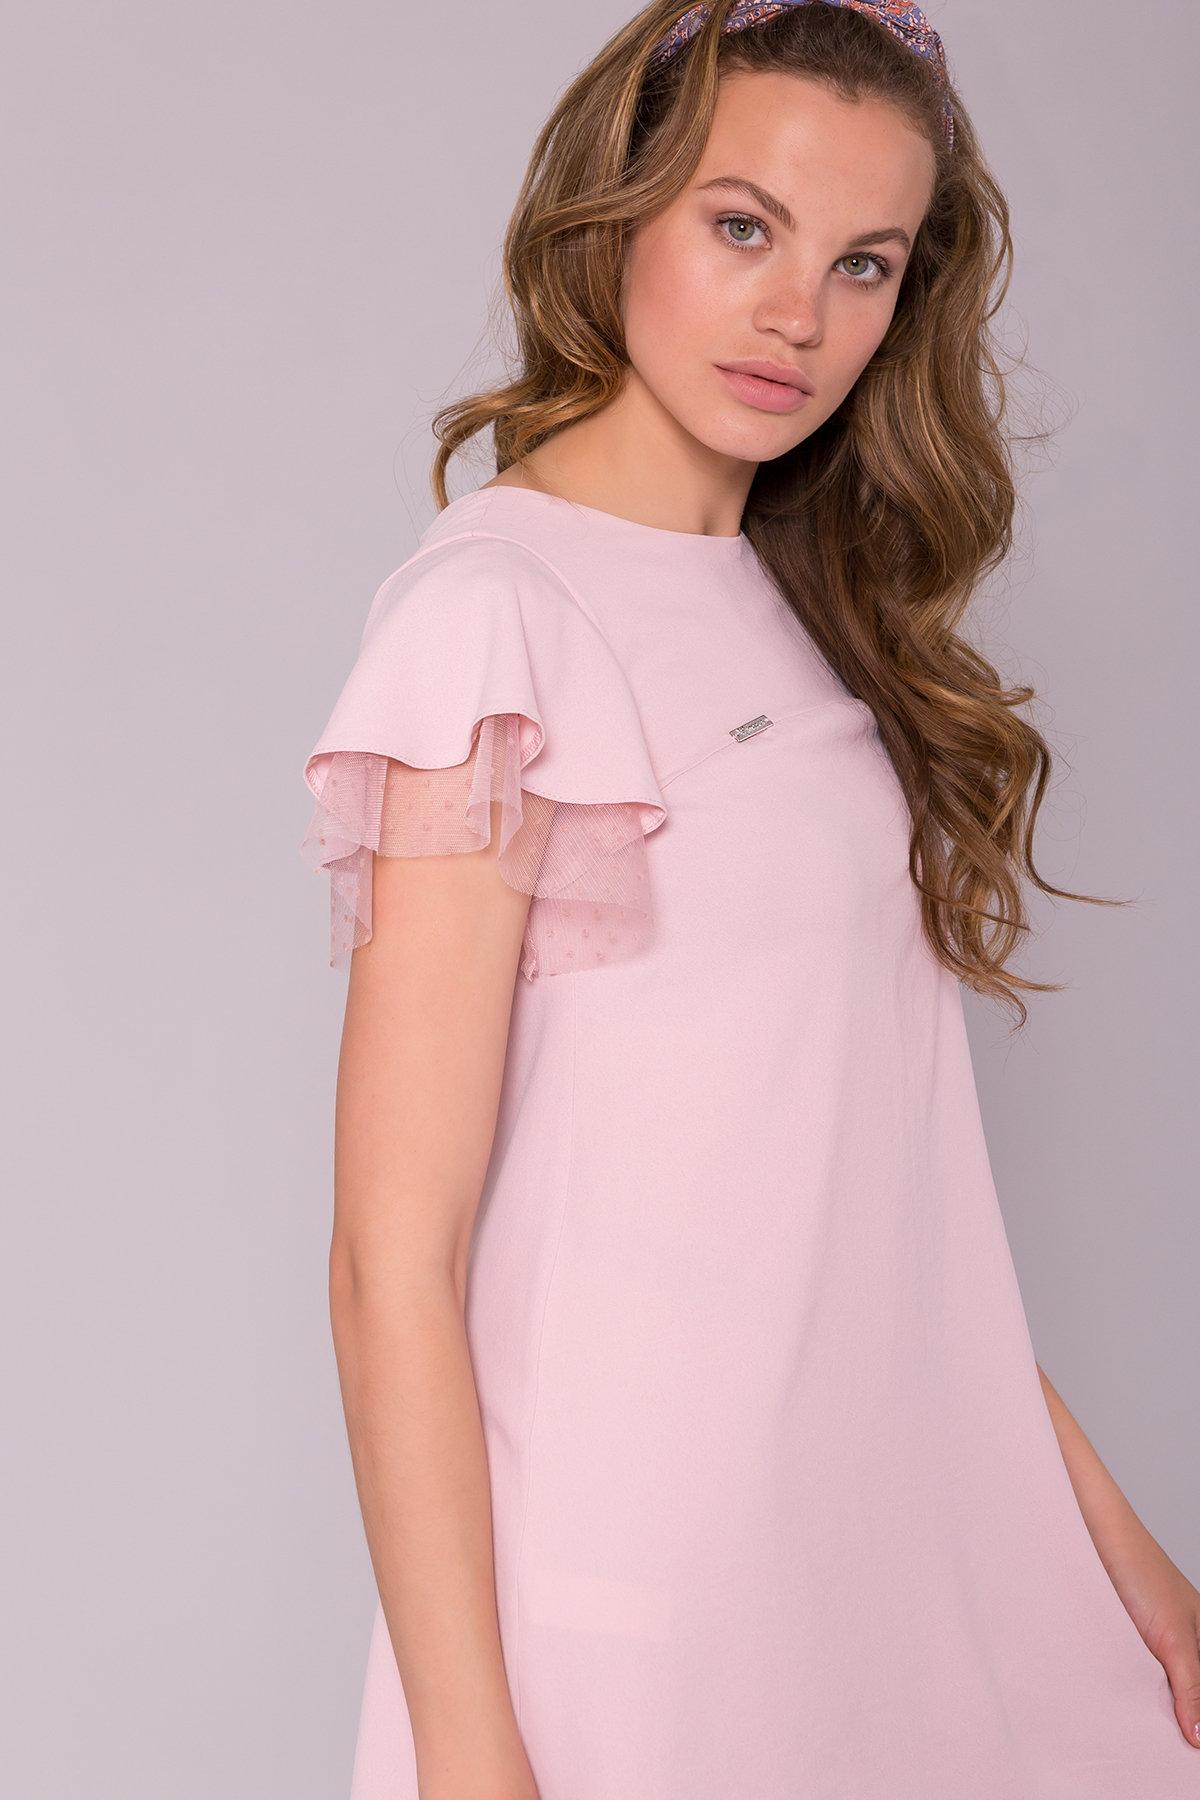 Платье Романтик 7154 АРТ. 42564 Цвет: Розовый 16 - фото 4, интернет магазин tm-modus.ru